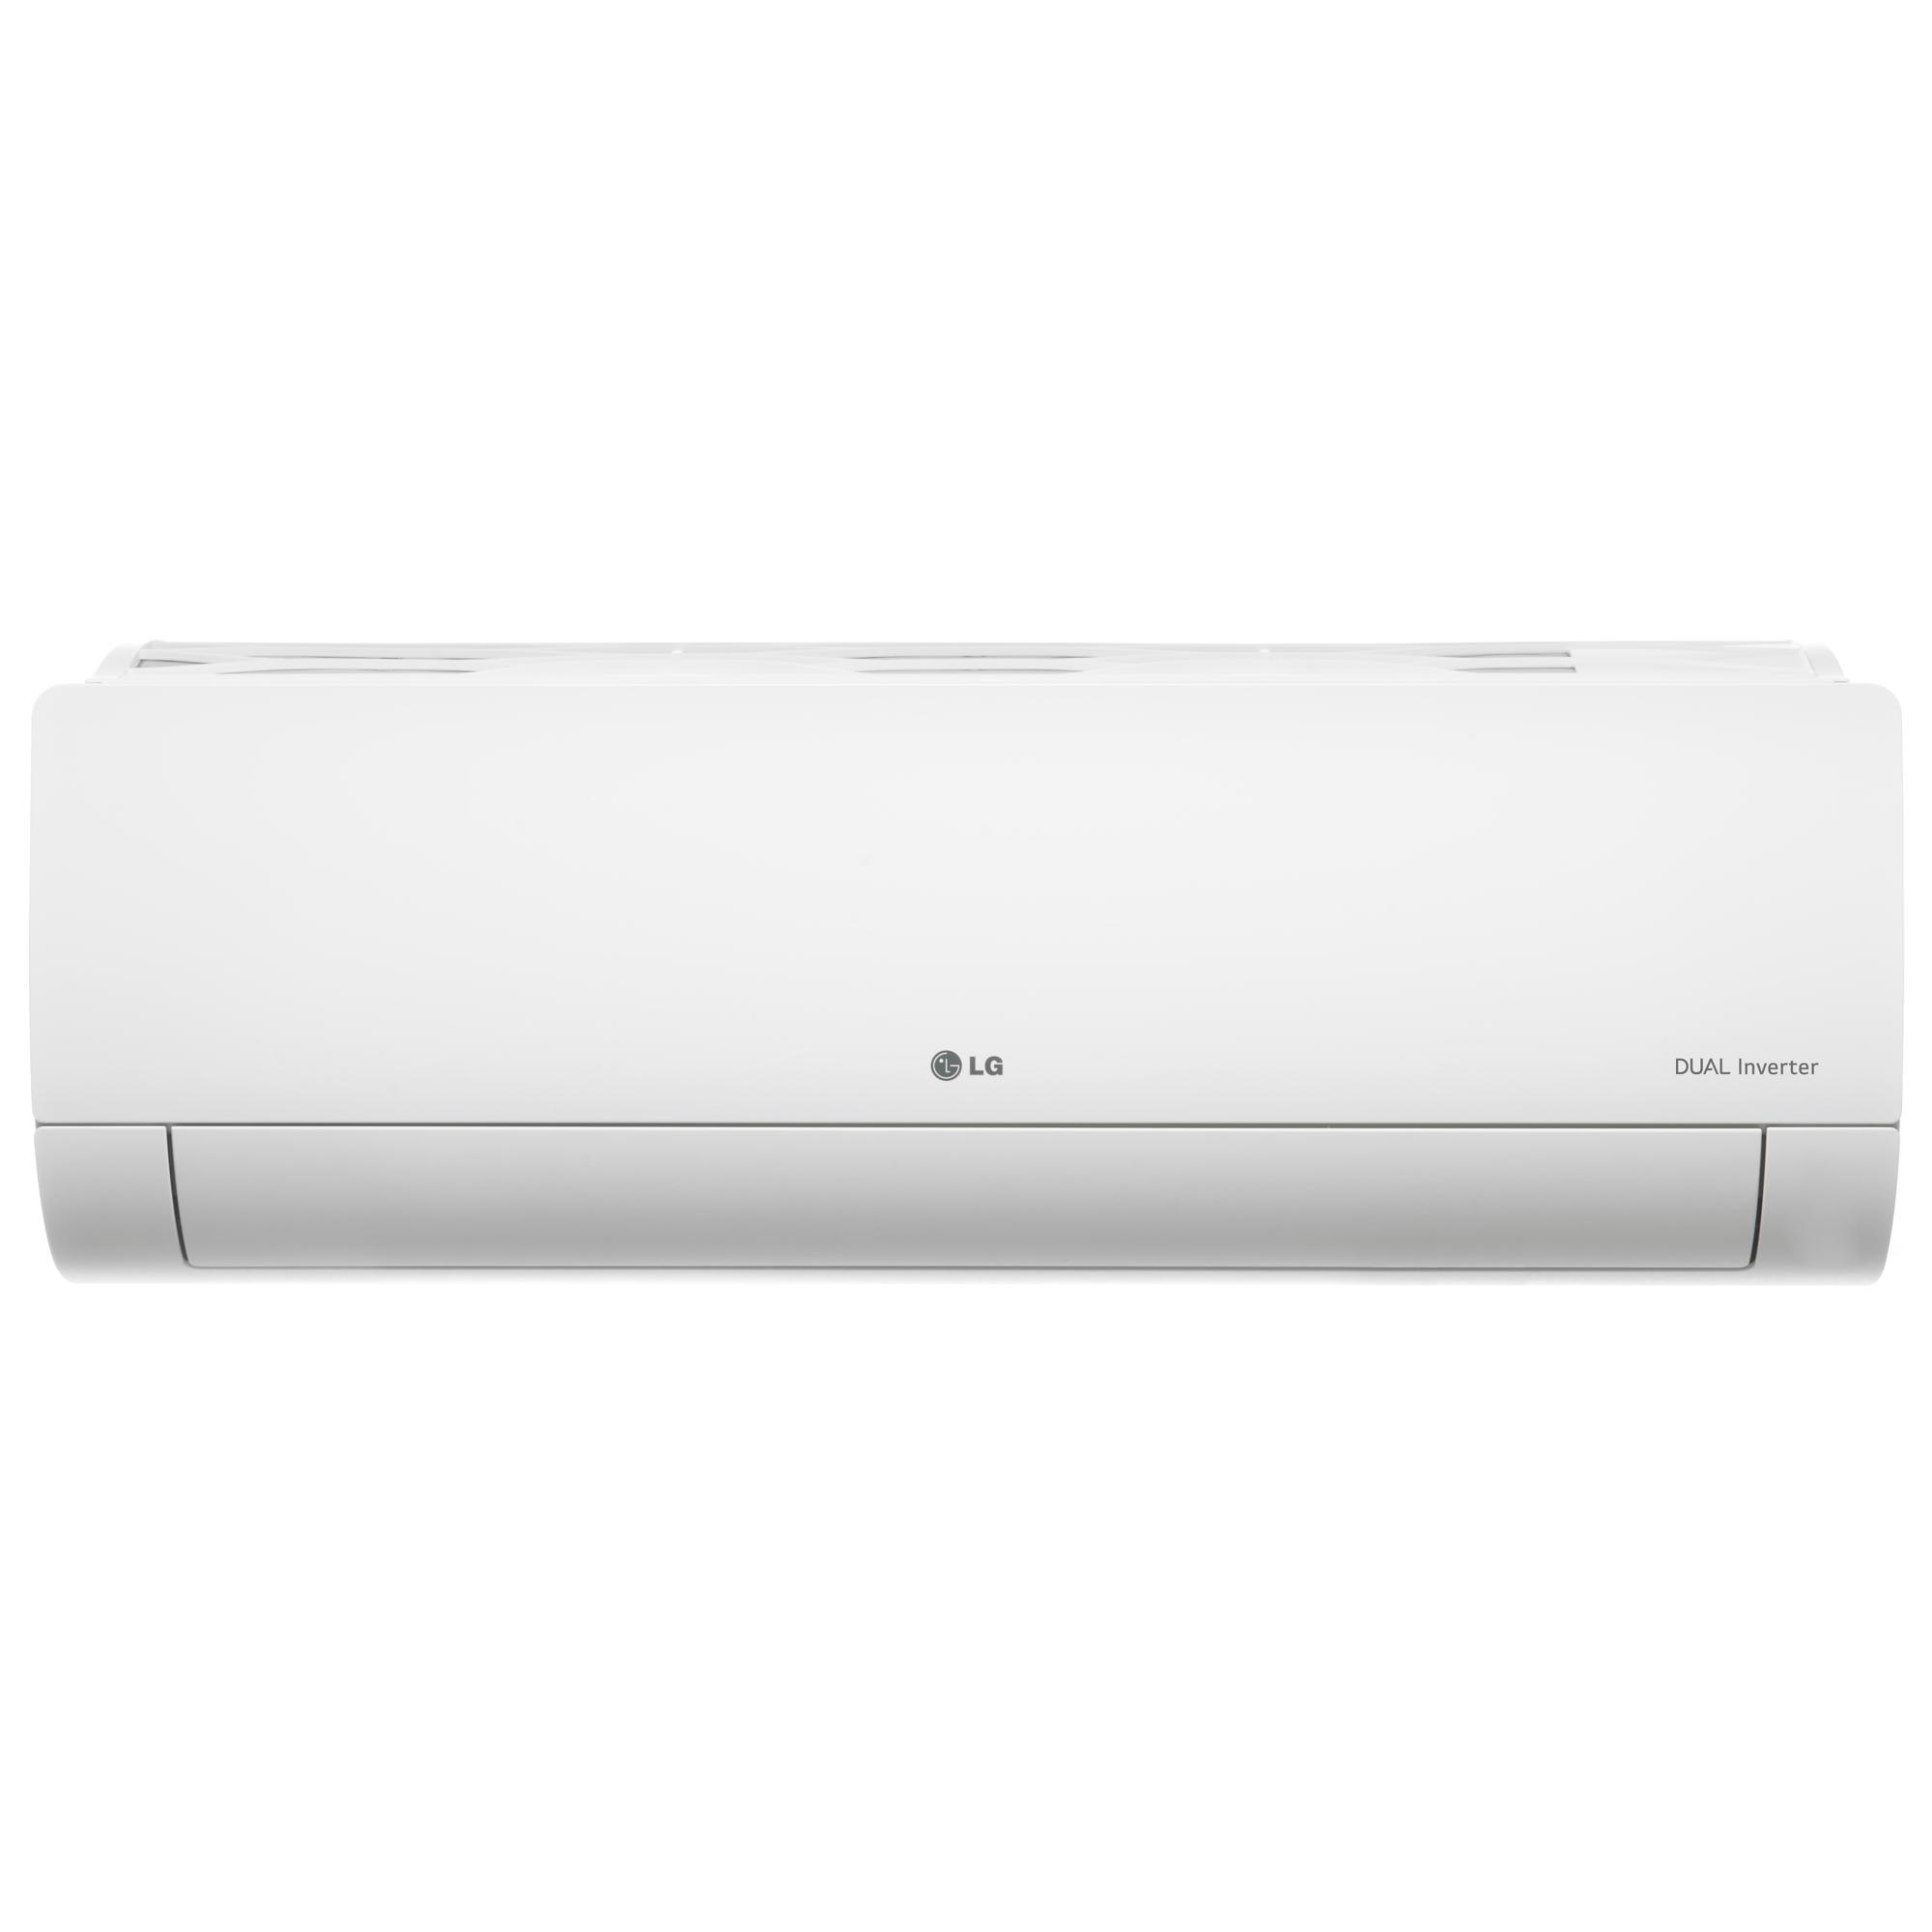 LG 1.5 Ton 5 Star Inverter Split AC (Air Purification Filter, Copper Condenser, MS-Q18UVZA, White)_1